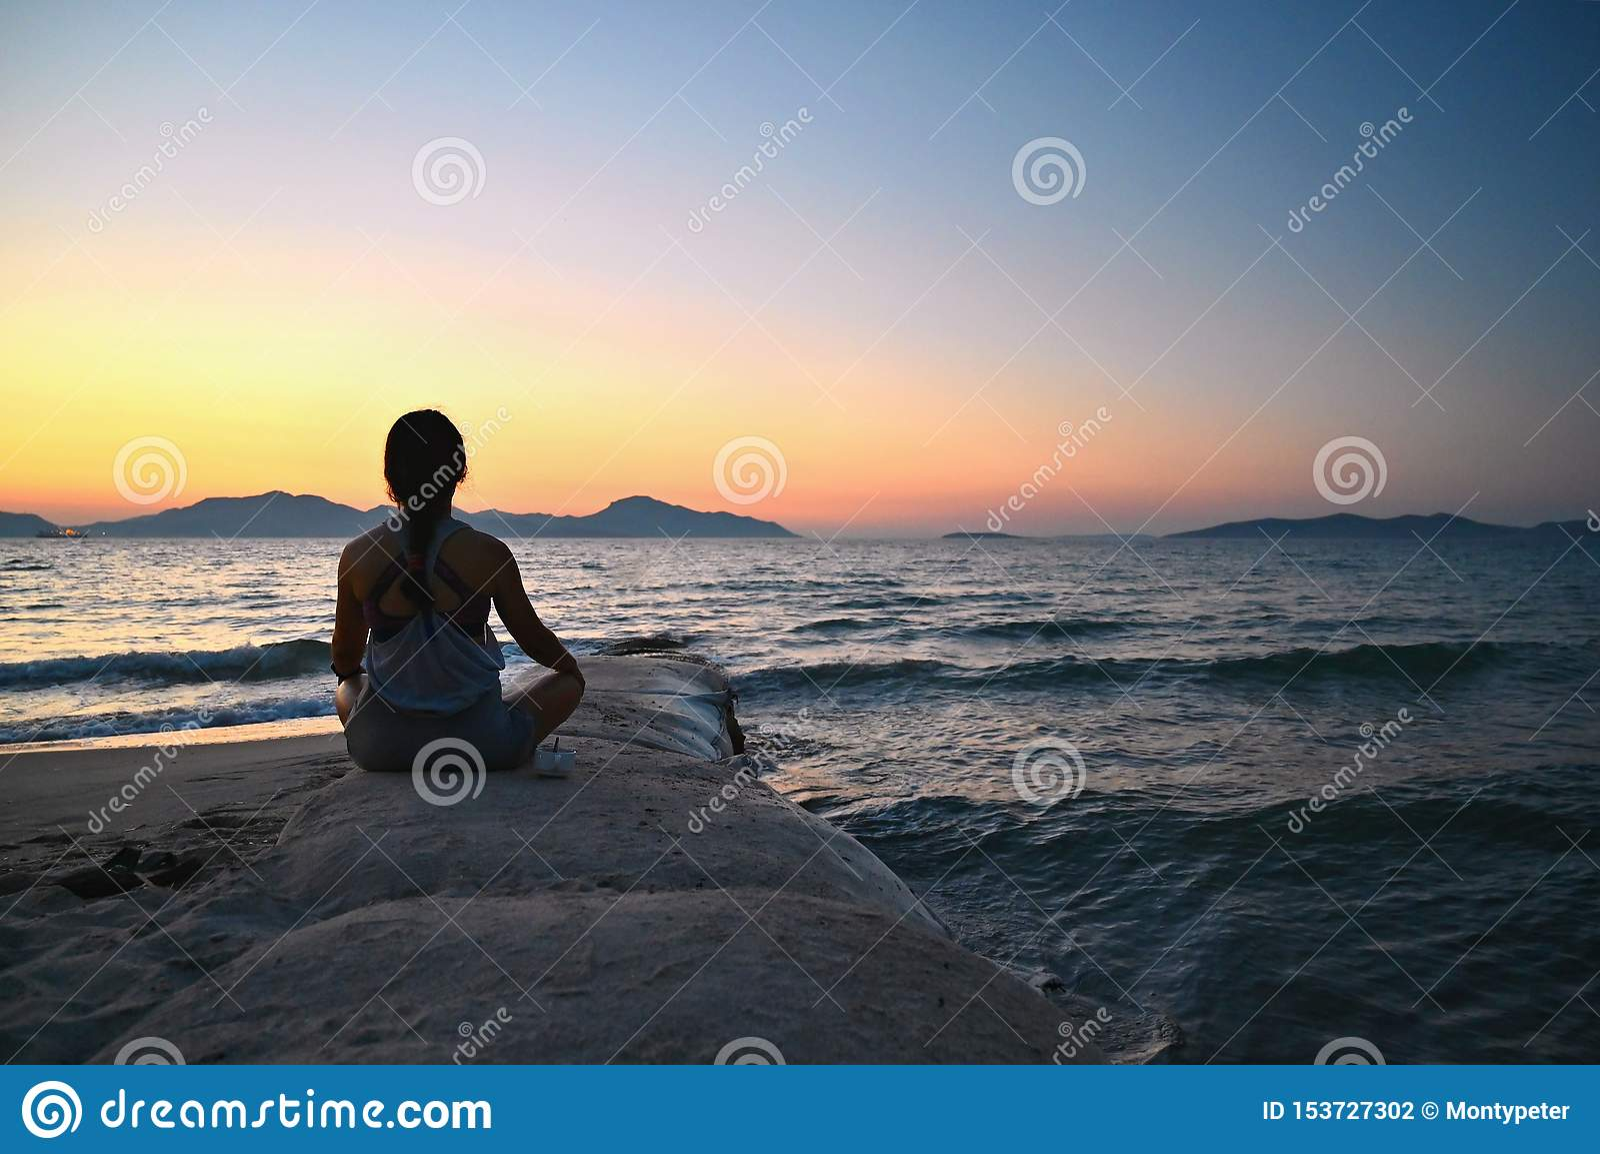 Γυναίκα meditates - χαλαρώνει στο ηλιοβασίλεμα θαλασσίως στην παραλία Έννοια για τη γιόγκα, την υγεία και τη SPA